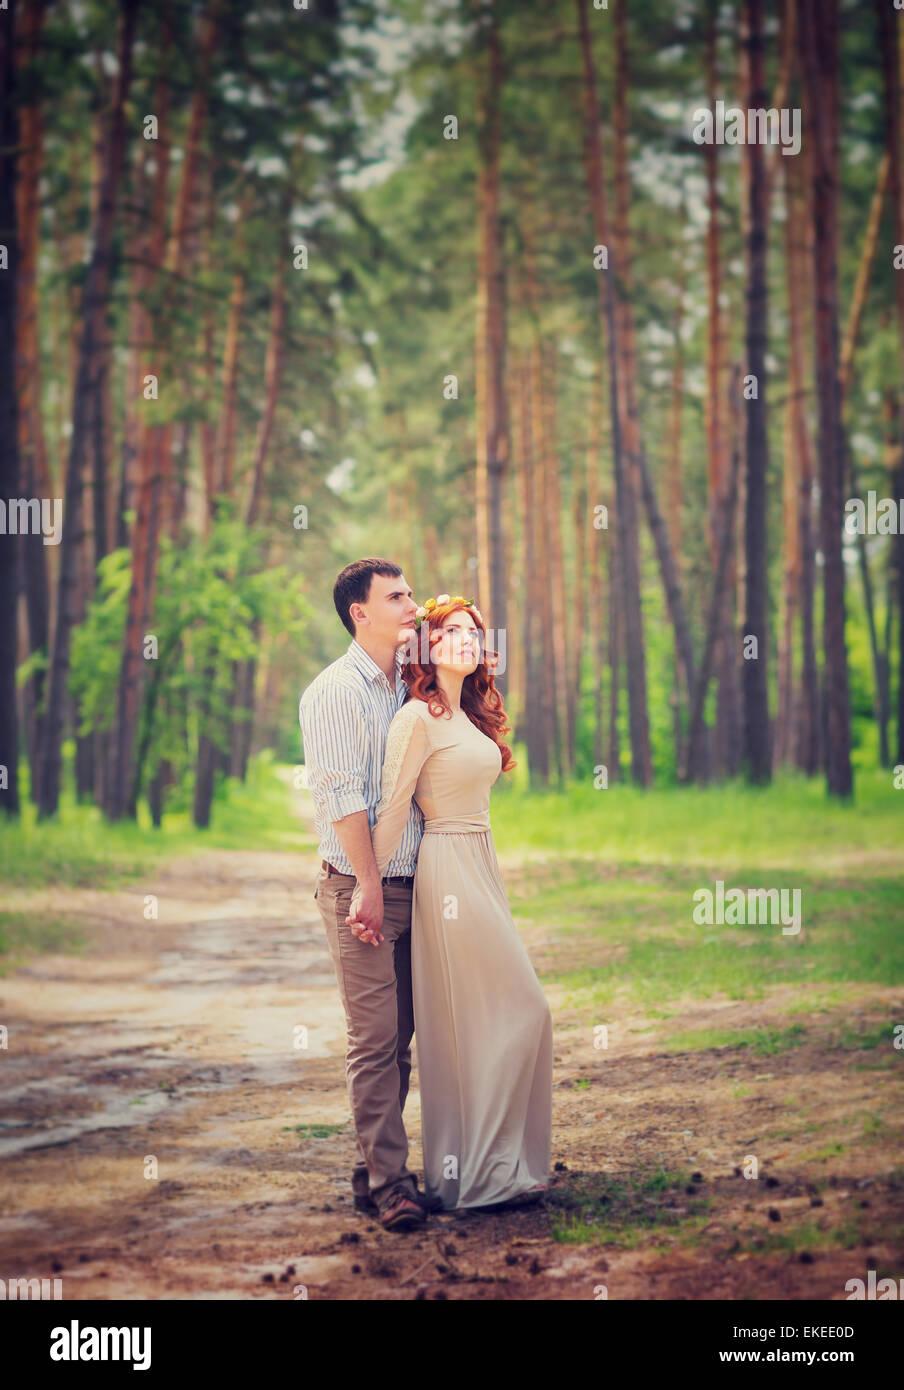 Dolce giovane sul romantico data, giorno di nozze cerimonia nella foresta, sentimenti di gara, godendo di primavera Immagini Stock